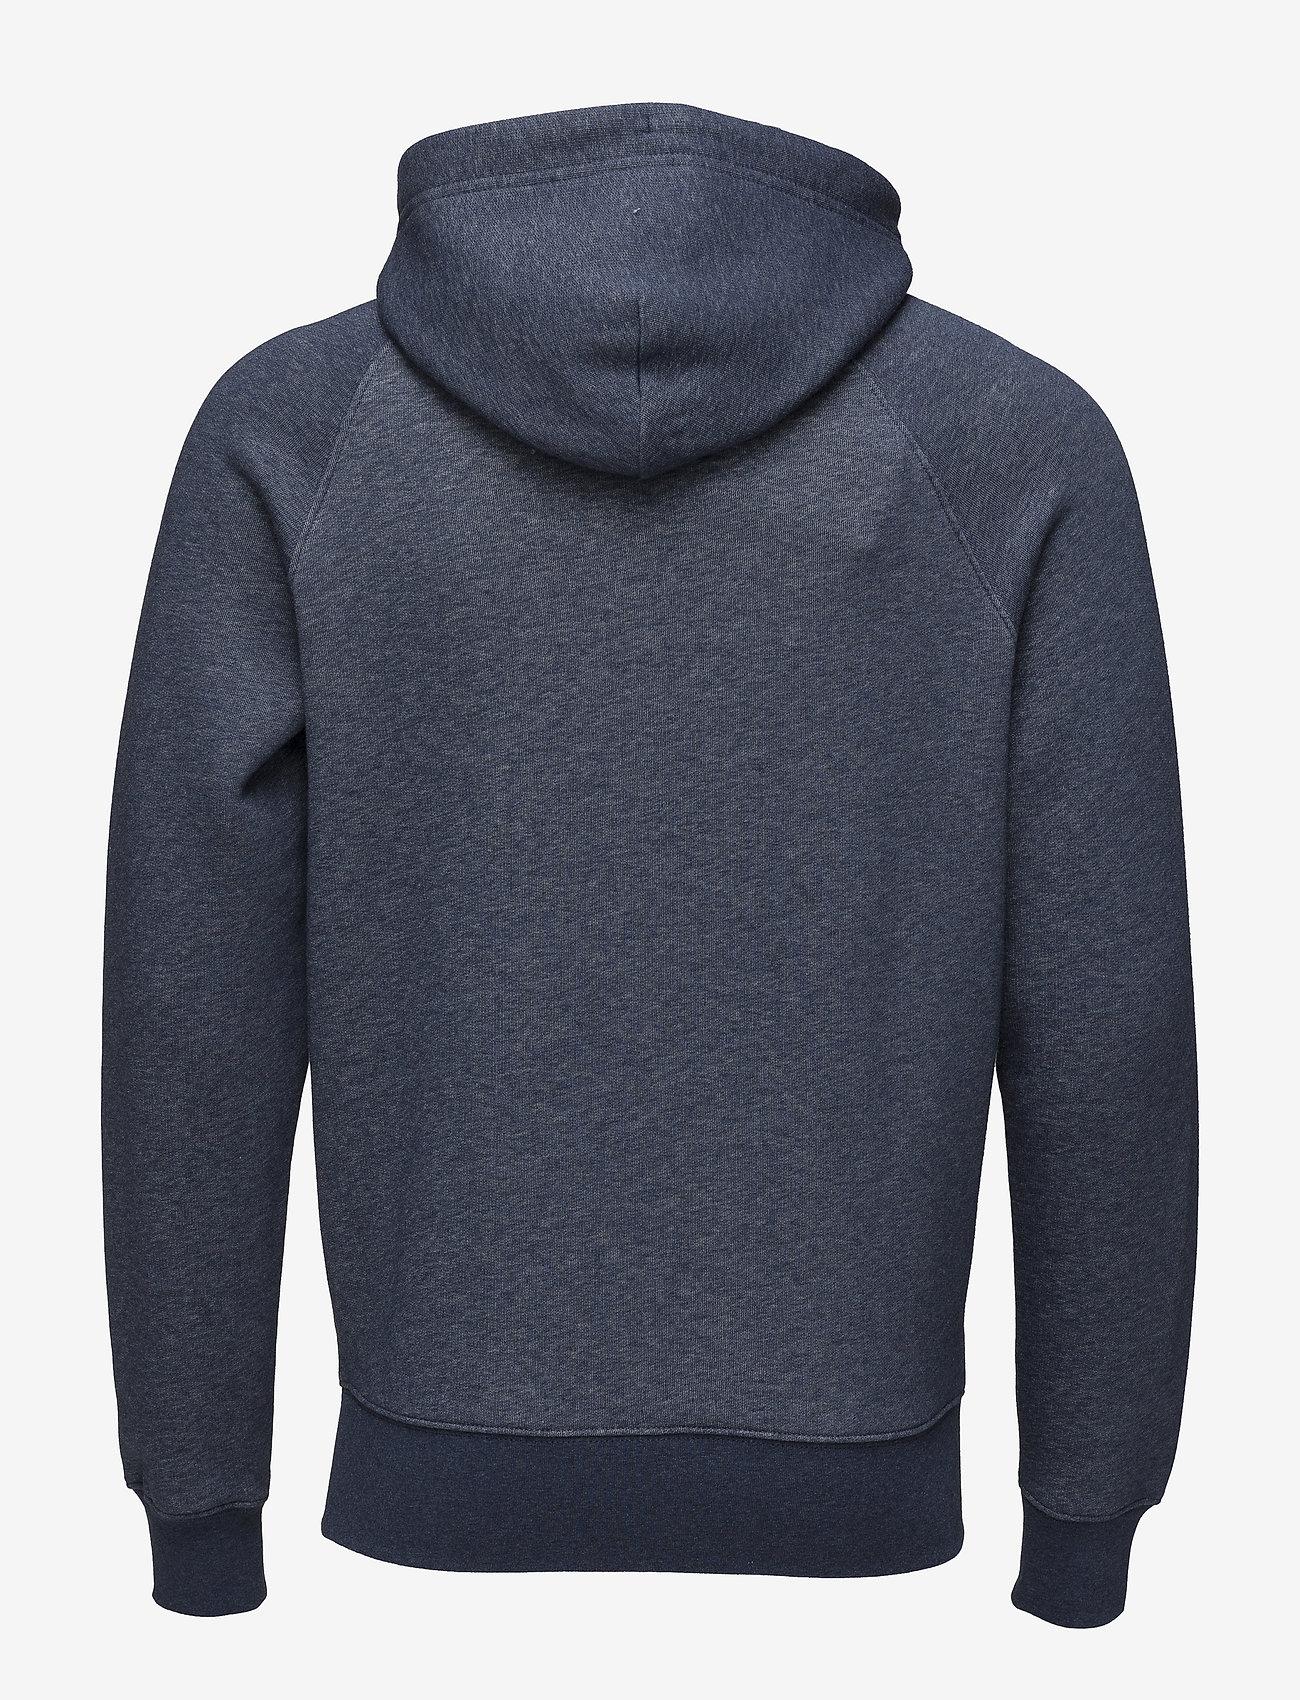 GANT - SHIELD HOODIE - hoodies - dark jeansblue melange - 1